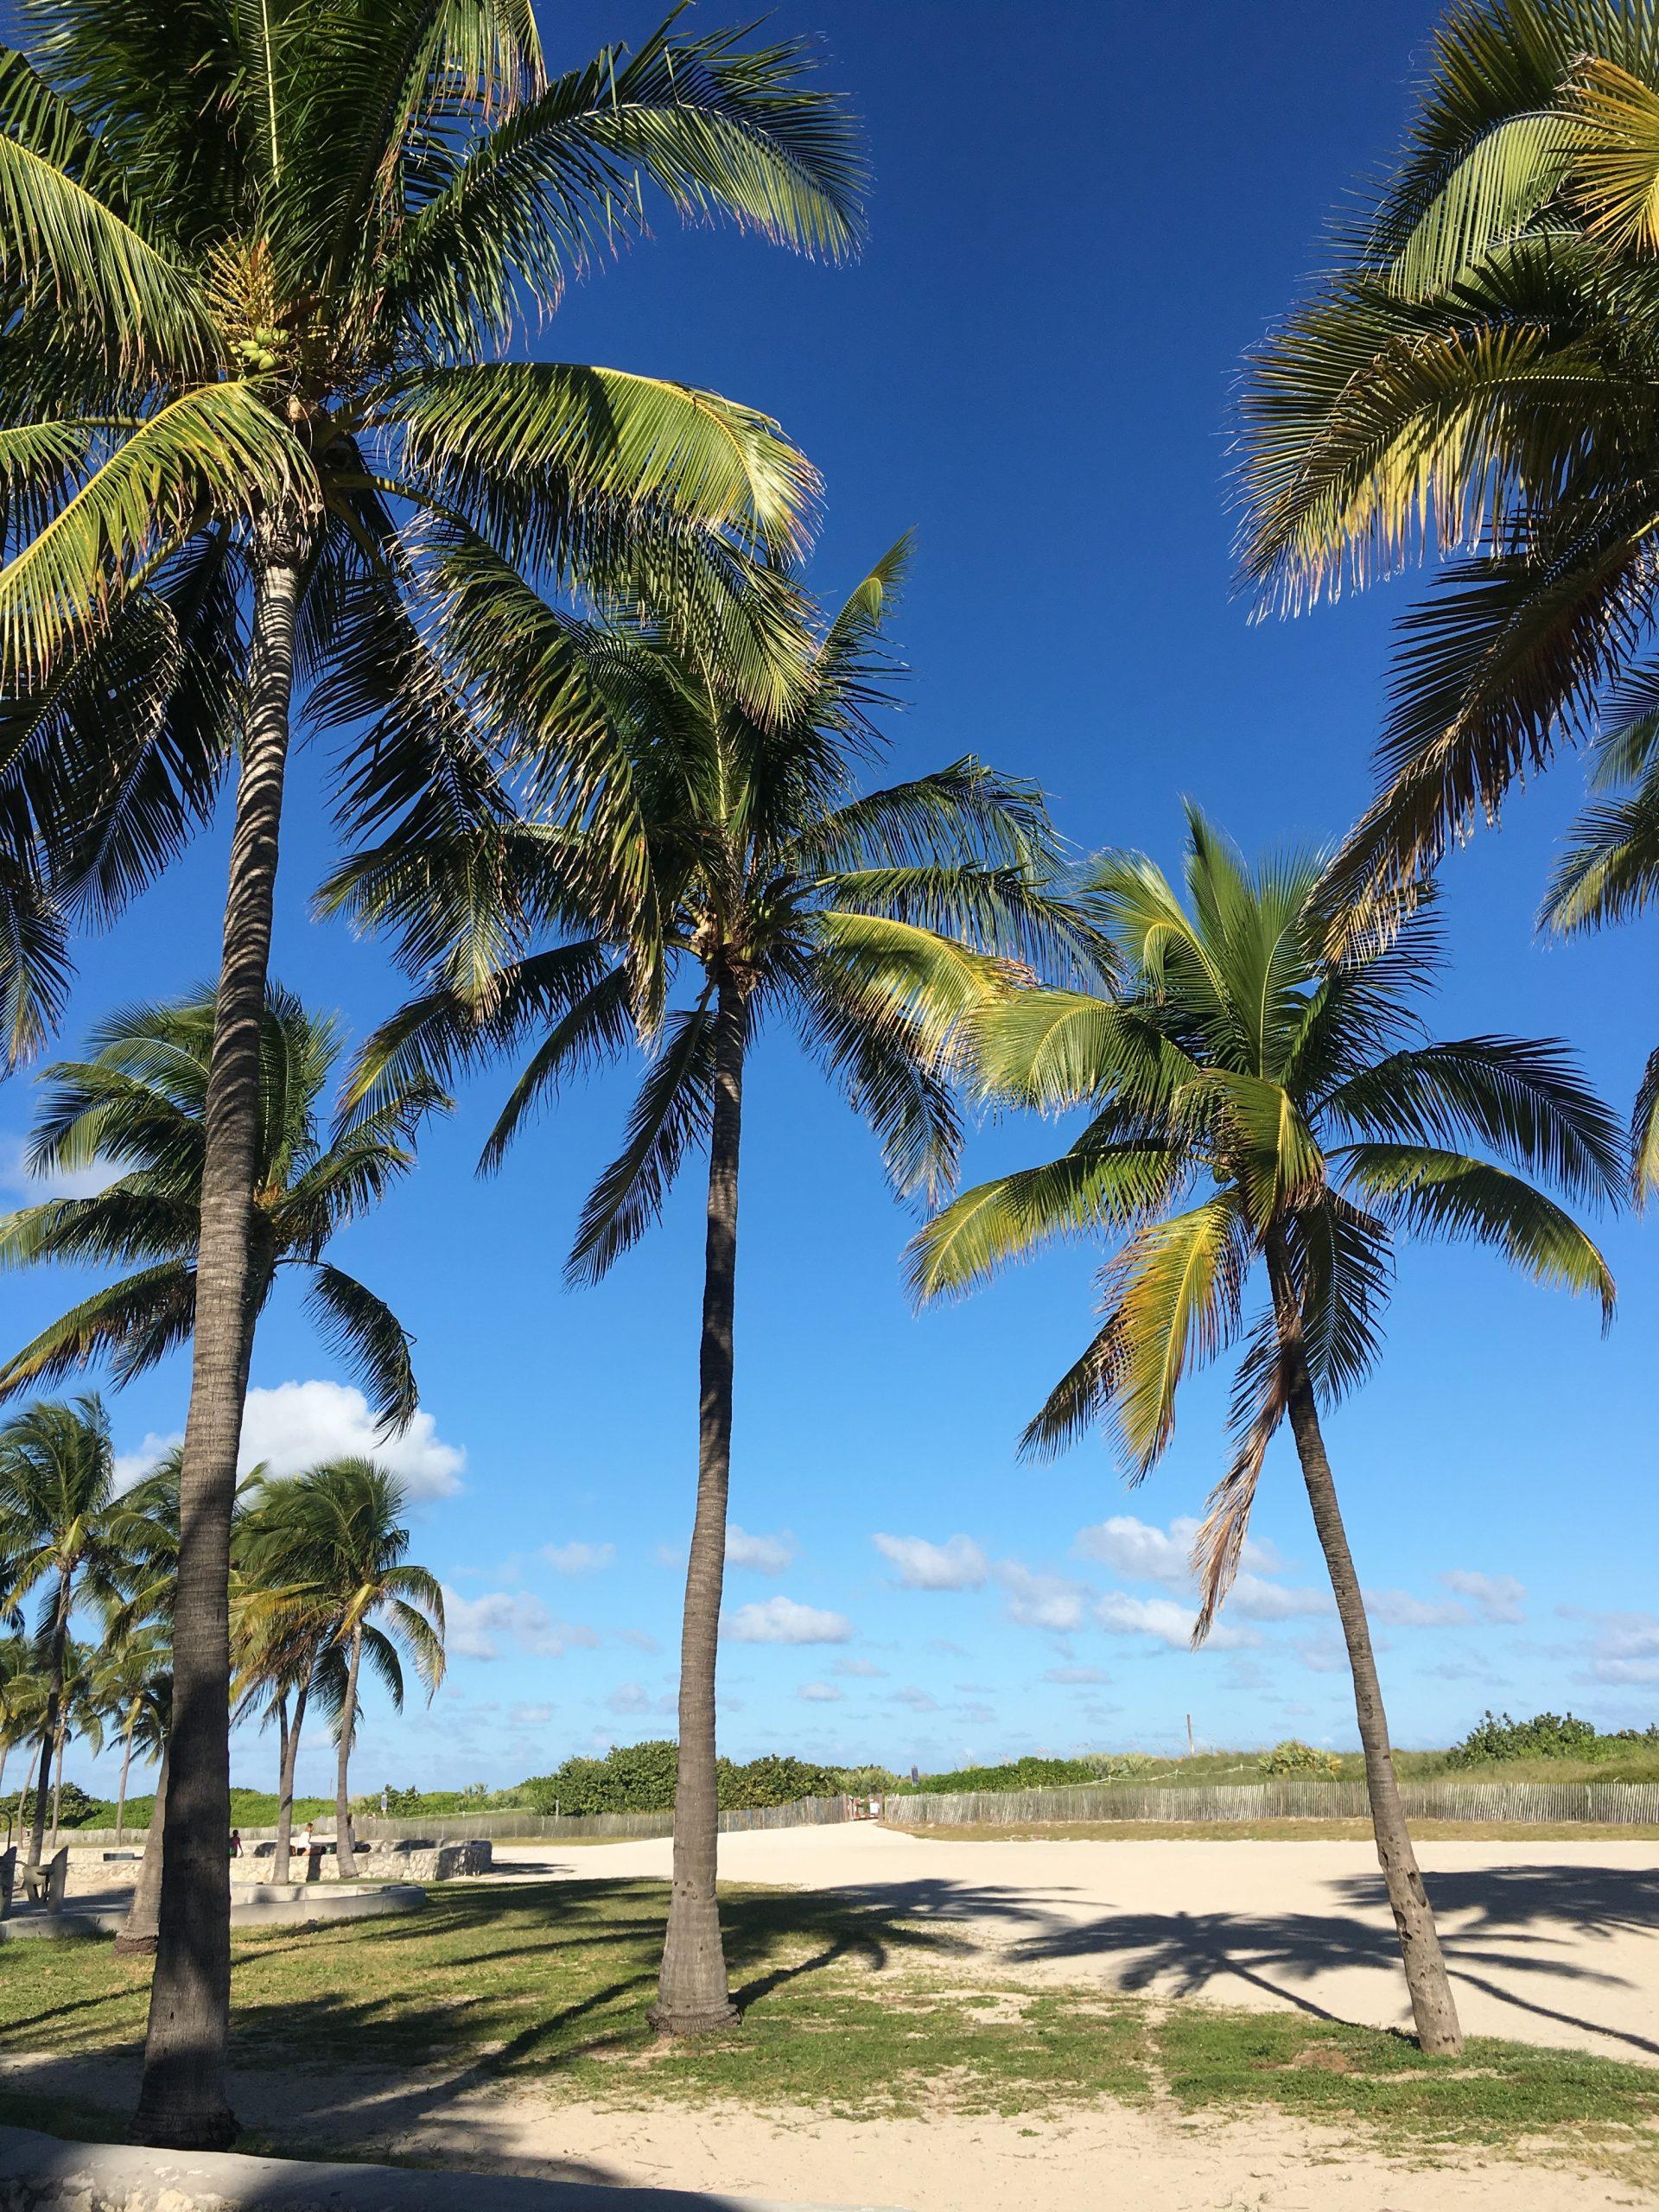 palmer på stranden i miami